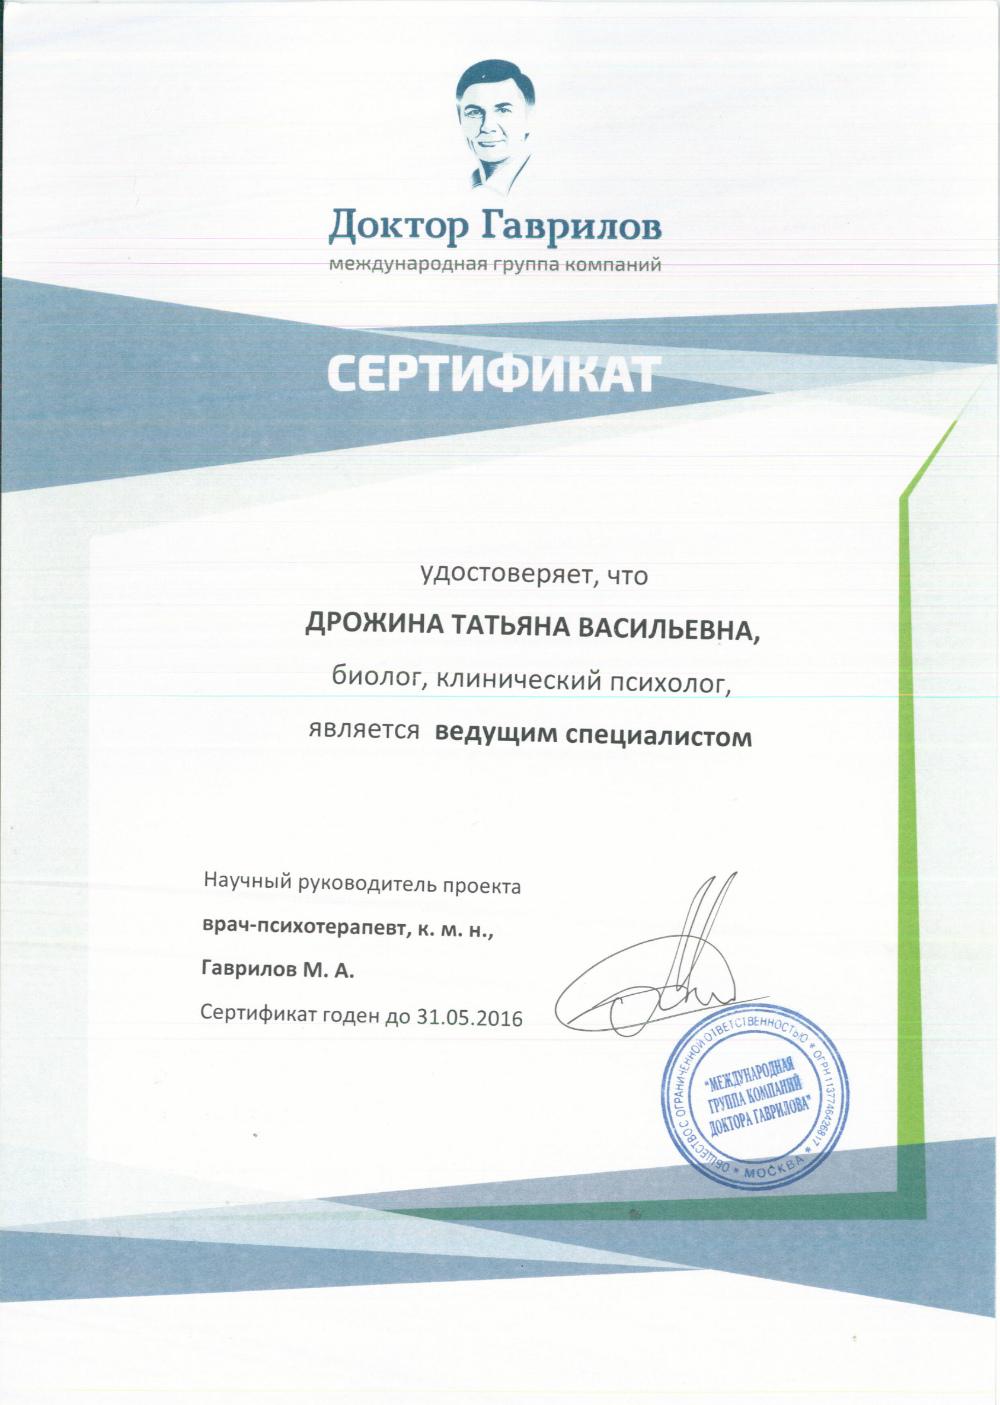 Сертификат ведущий специалист центра Гаврилова